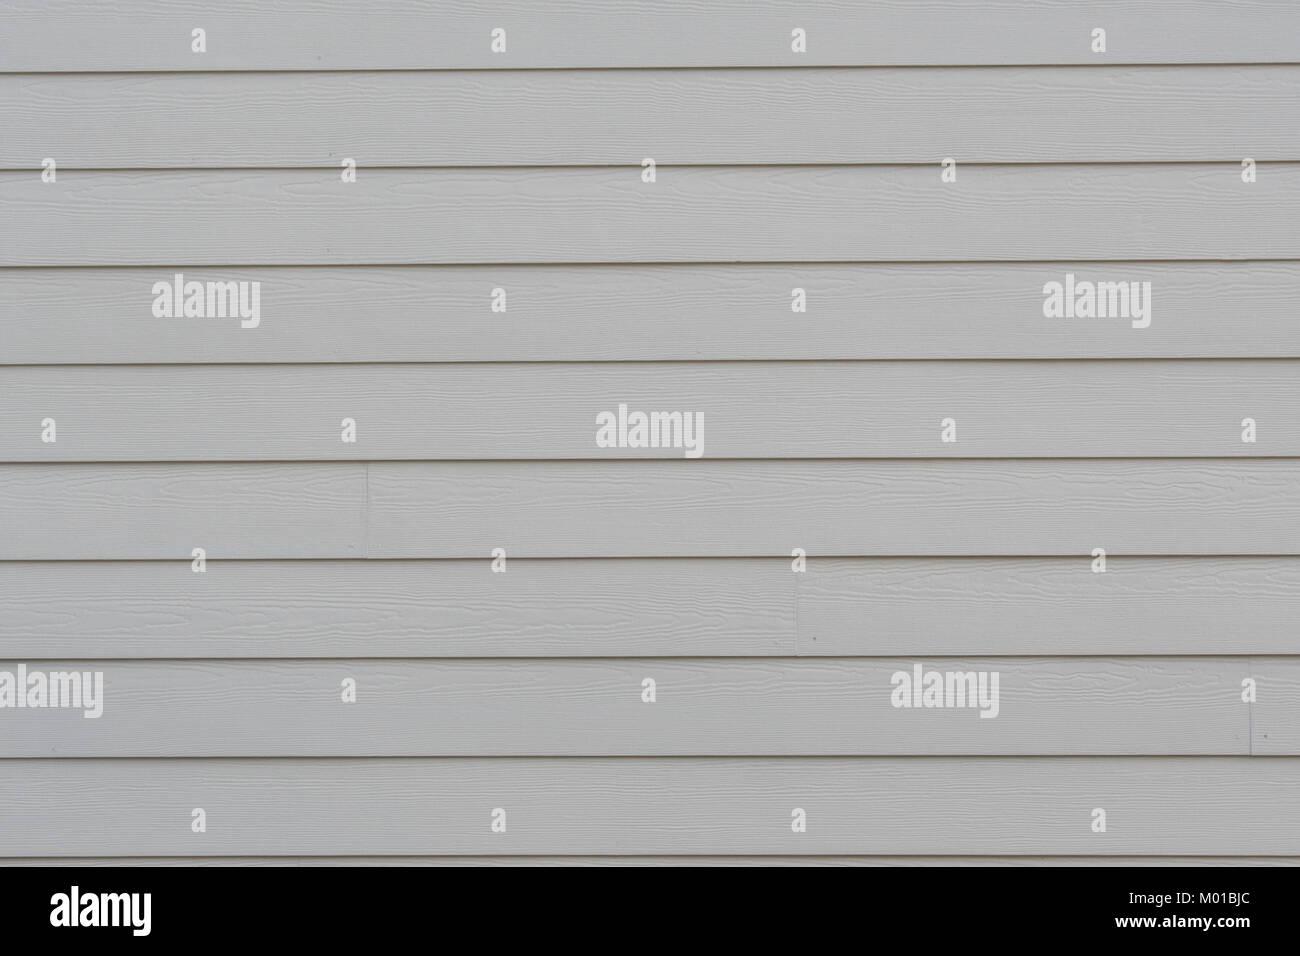 Cream Siding of House wide background image - Stock Image